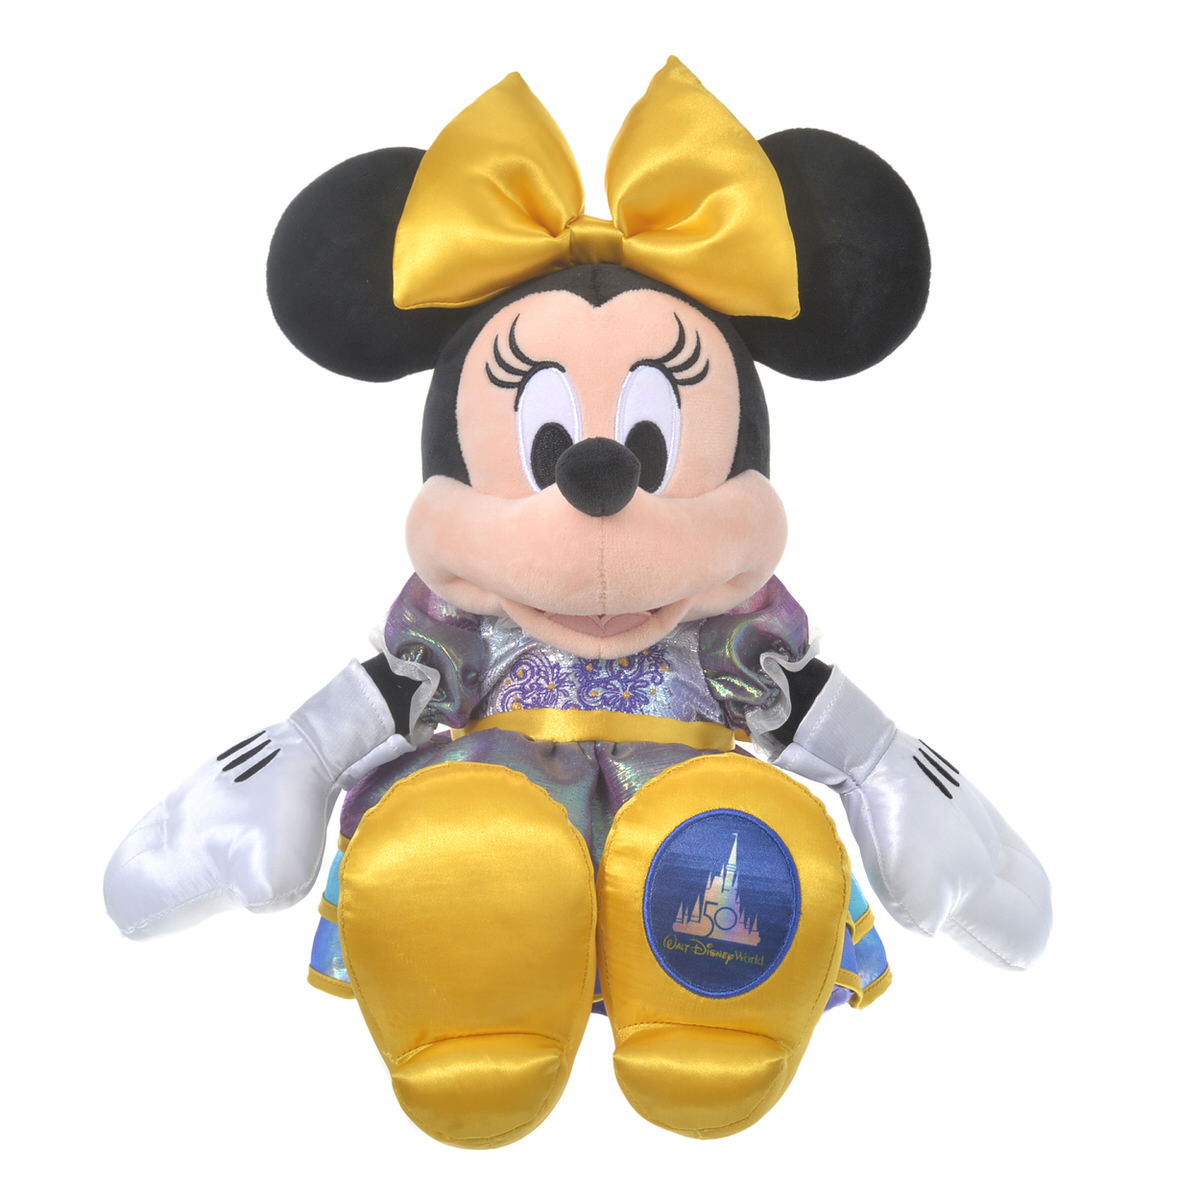 ディズニーストア「ウォルト・ディズニー・ワールド・リゾート」50周年記念グッズ ぬいぐるみ<ミニーマウス>